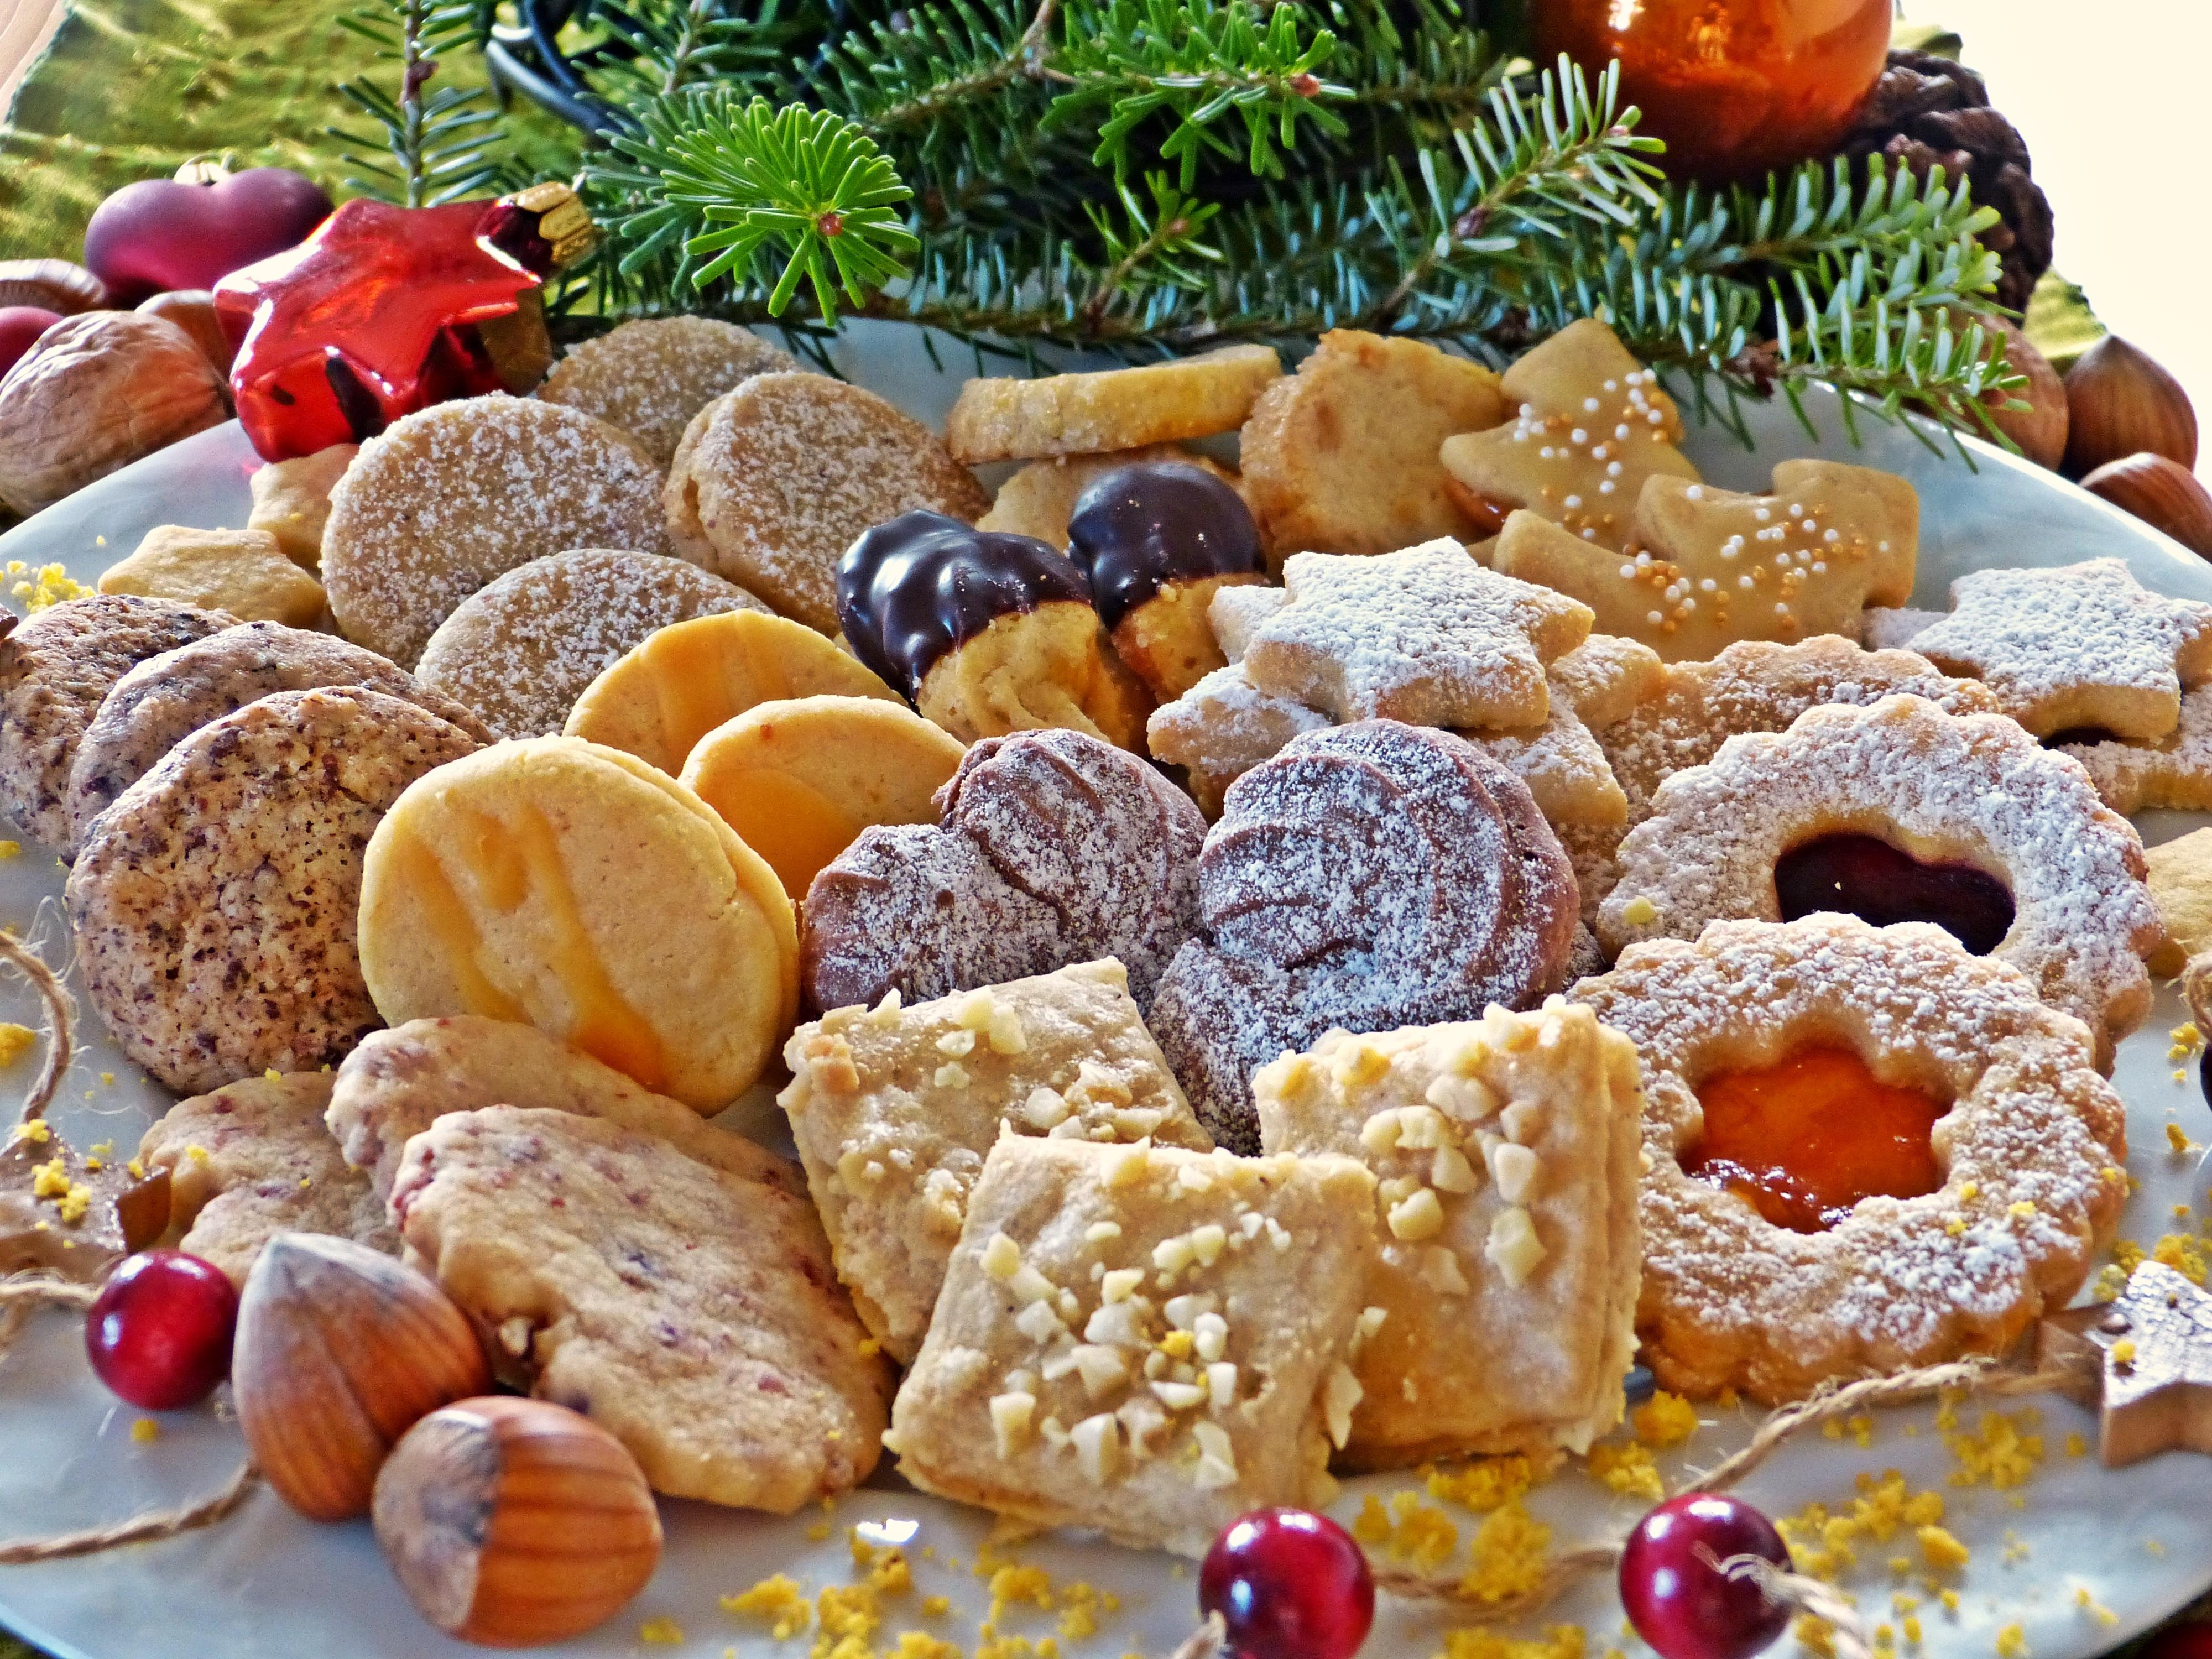 Fotos Gratis Plato Comida Produce Desayuno Horneando